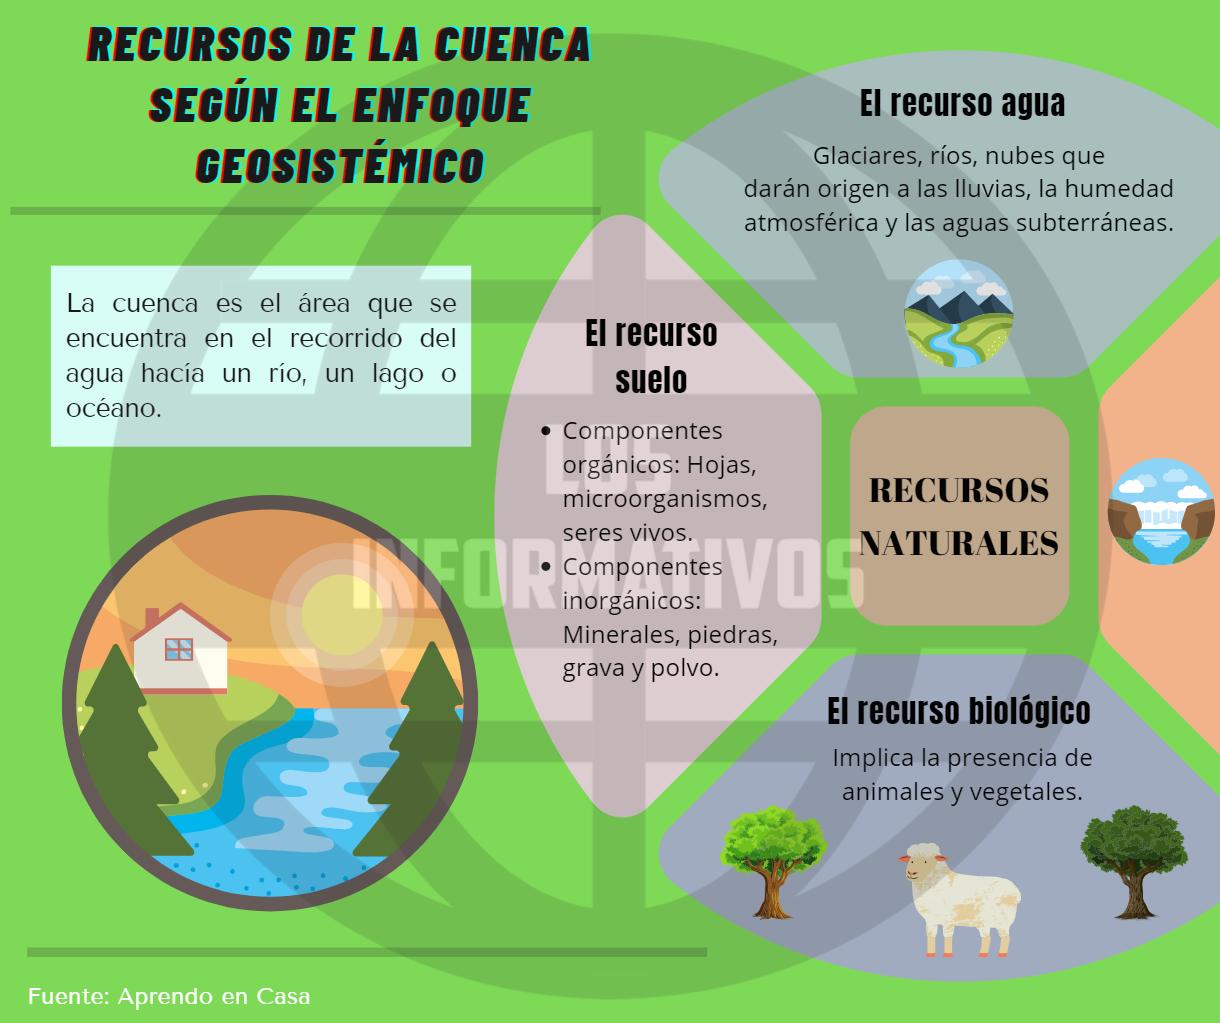 Recursos de la cuenca según el enfoque geosistémico